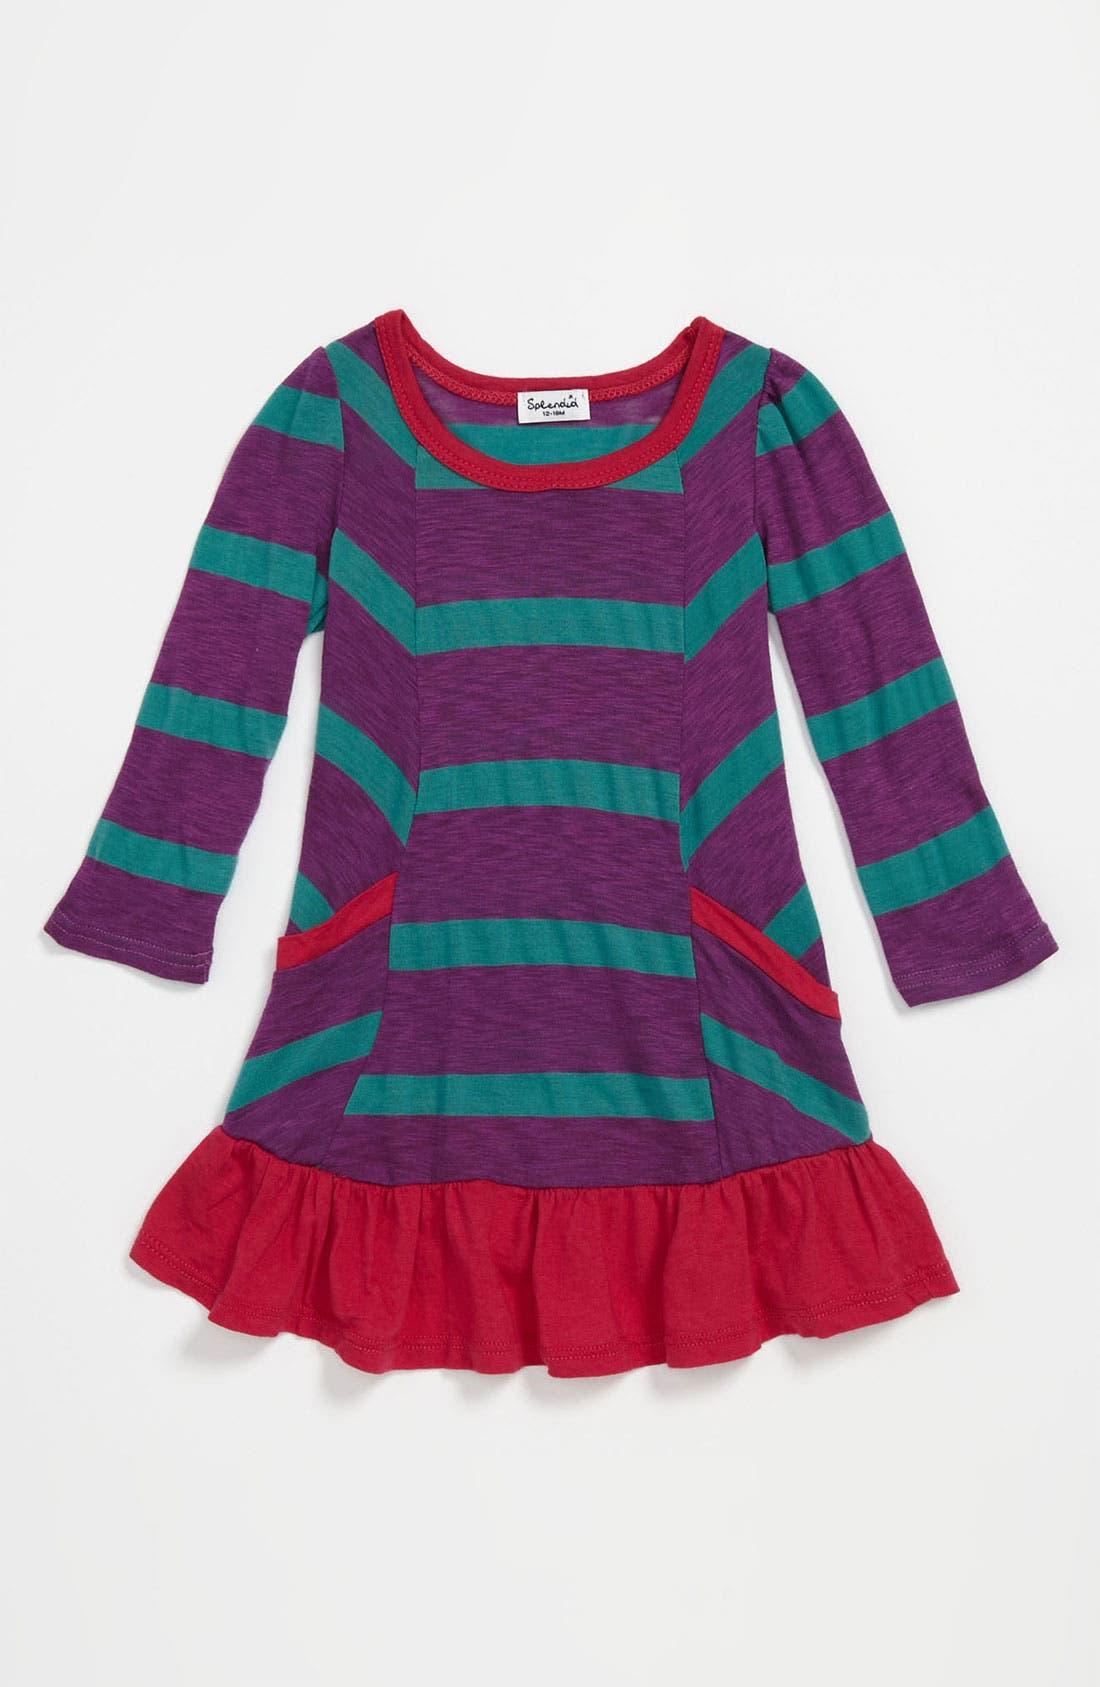 Main Image - Splendid 'Seville' Stripe Dress (Infant)